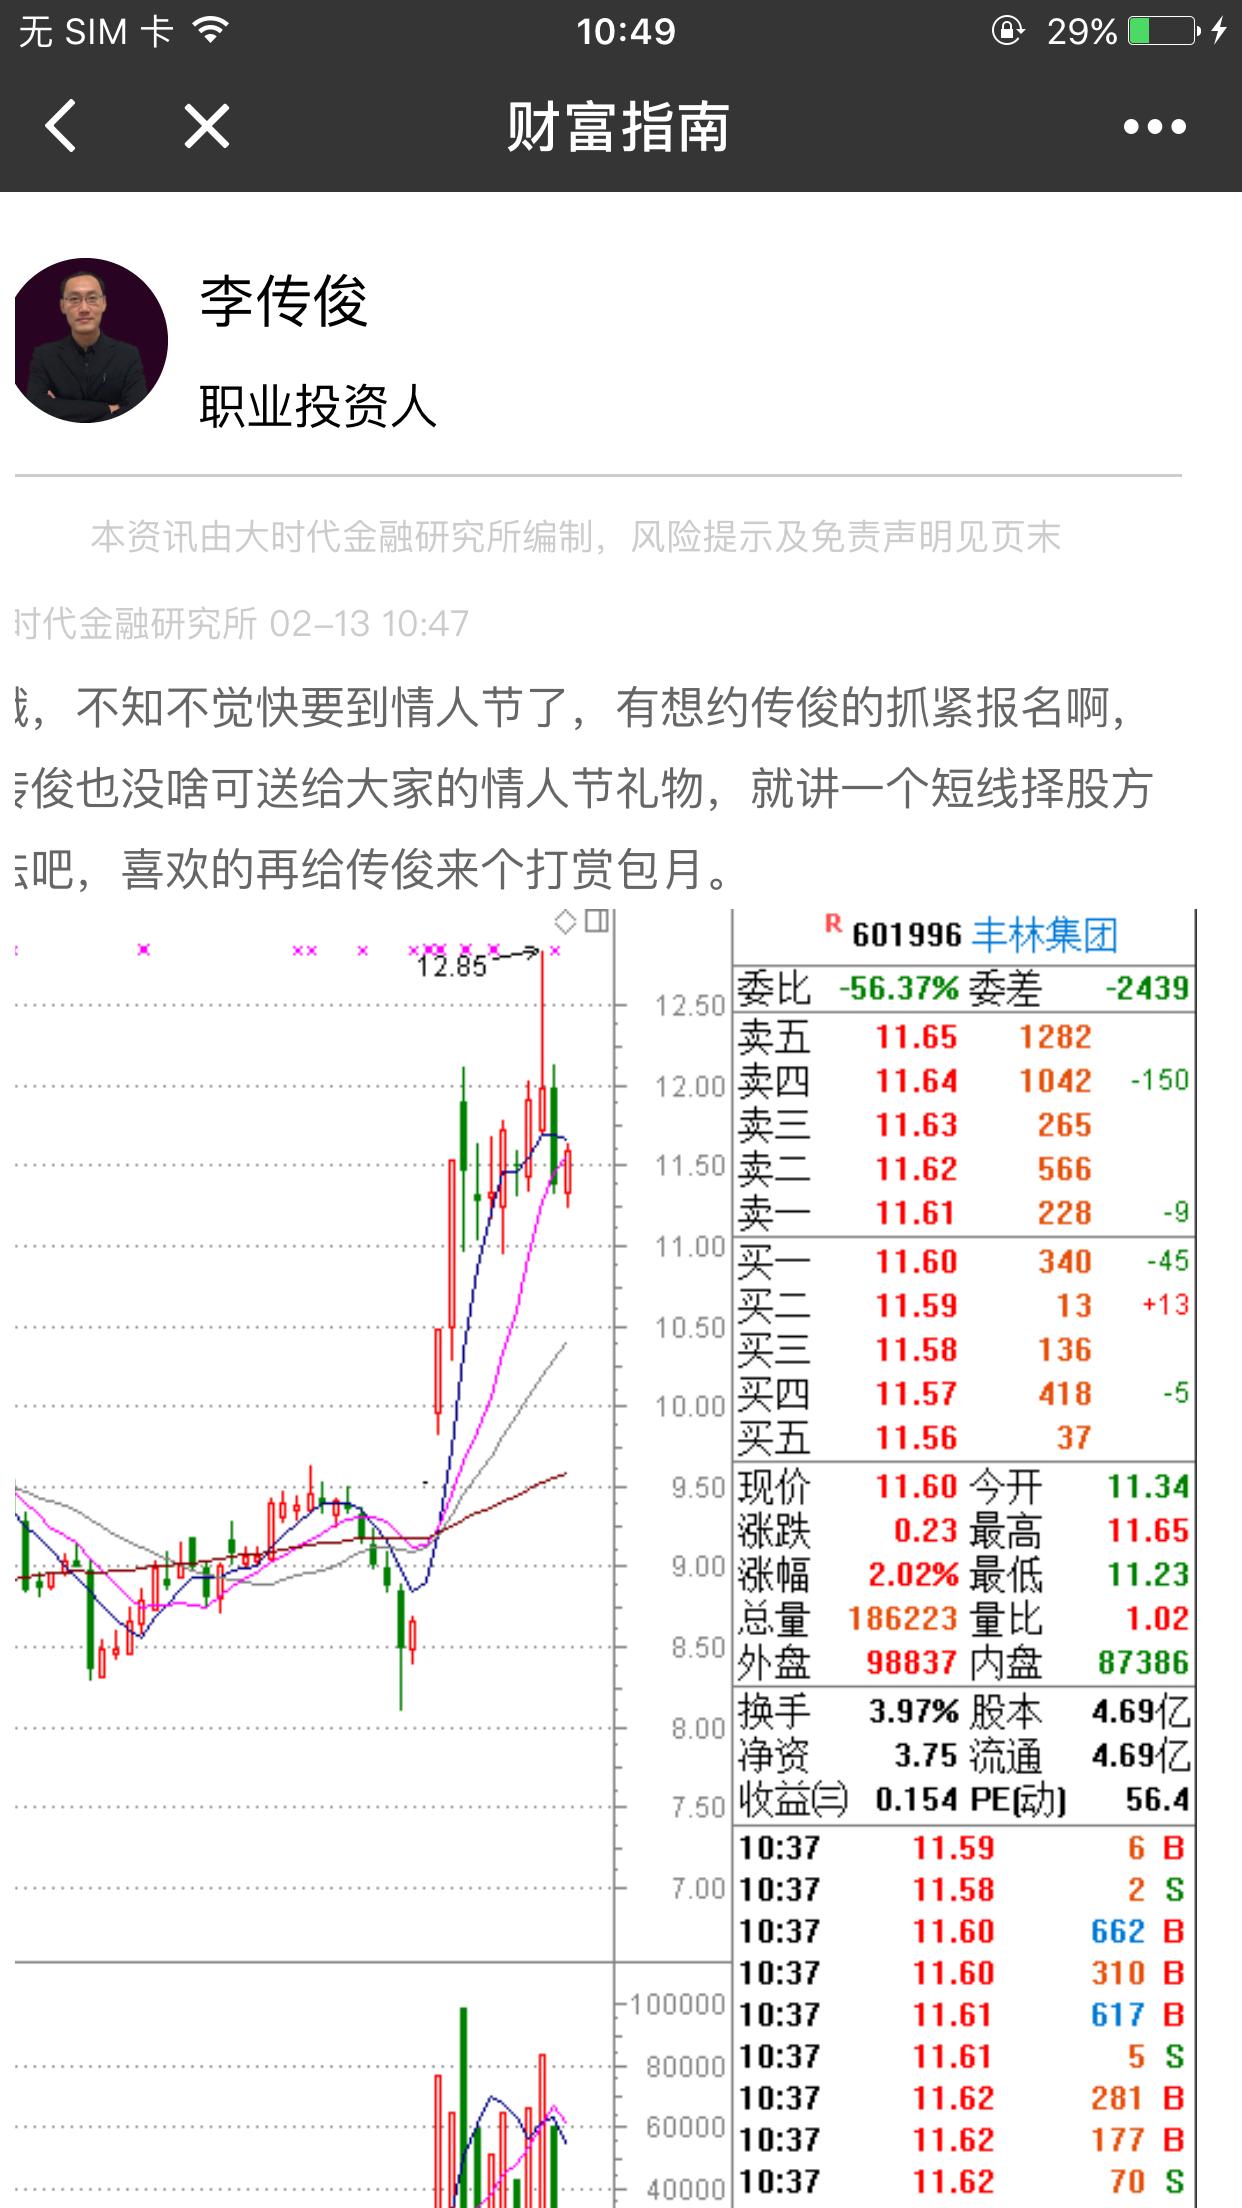 财富指南股票小程序